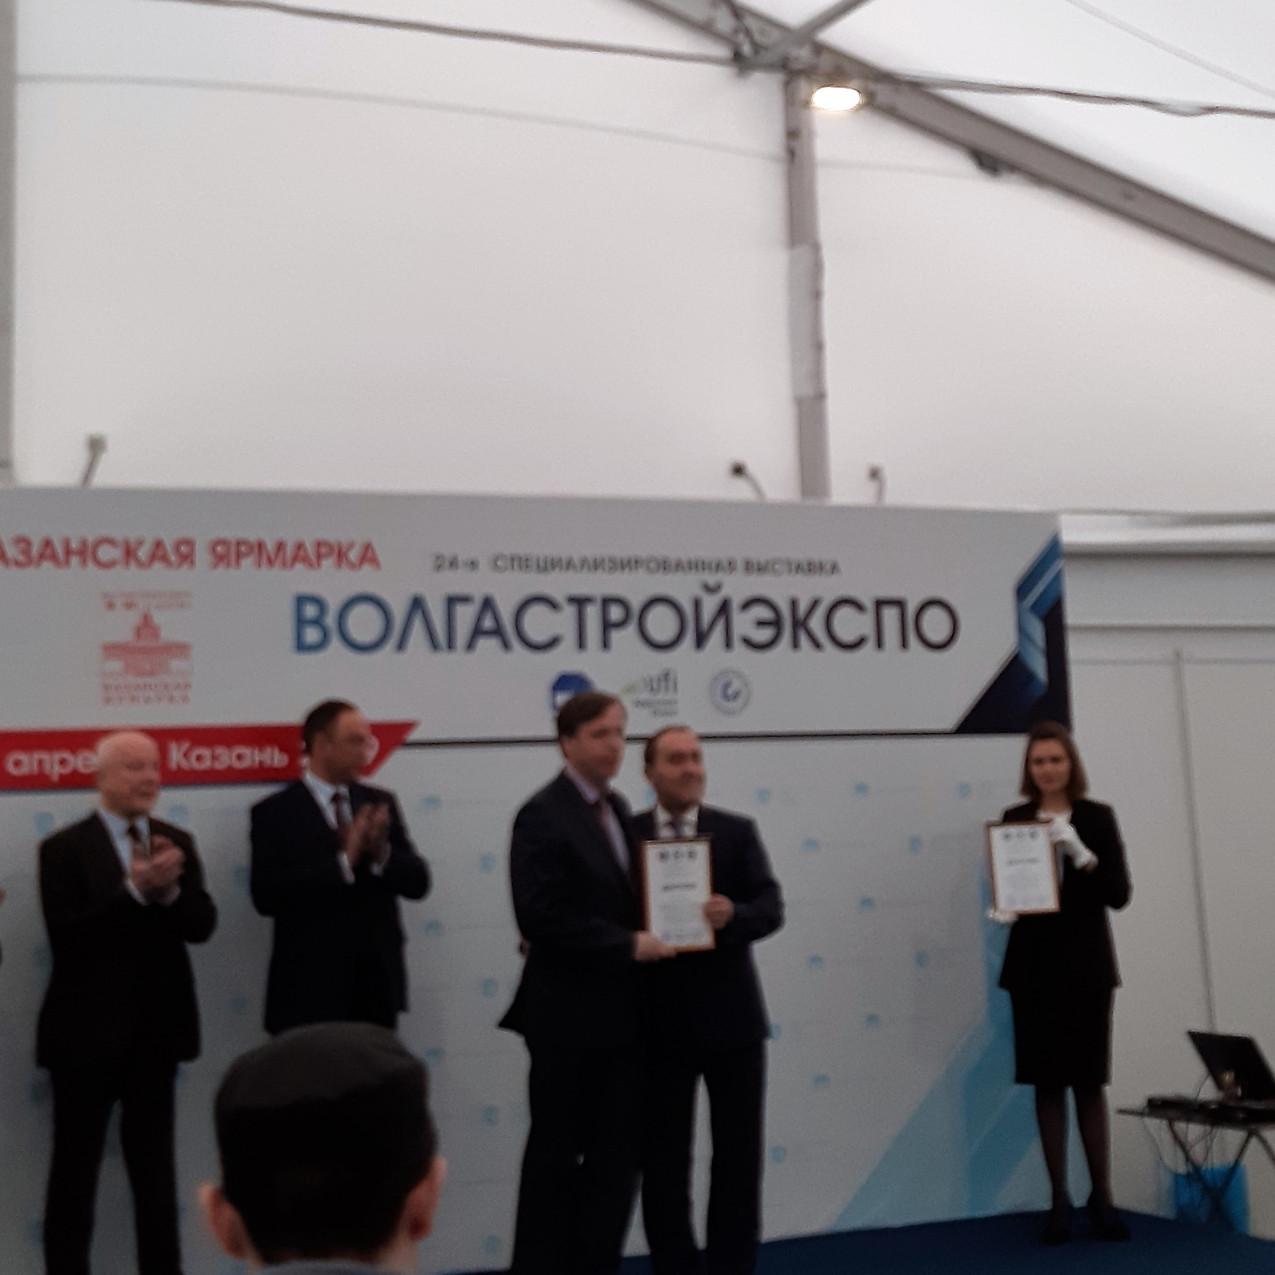 Волгастройэкспо 2019 (6)